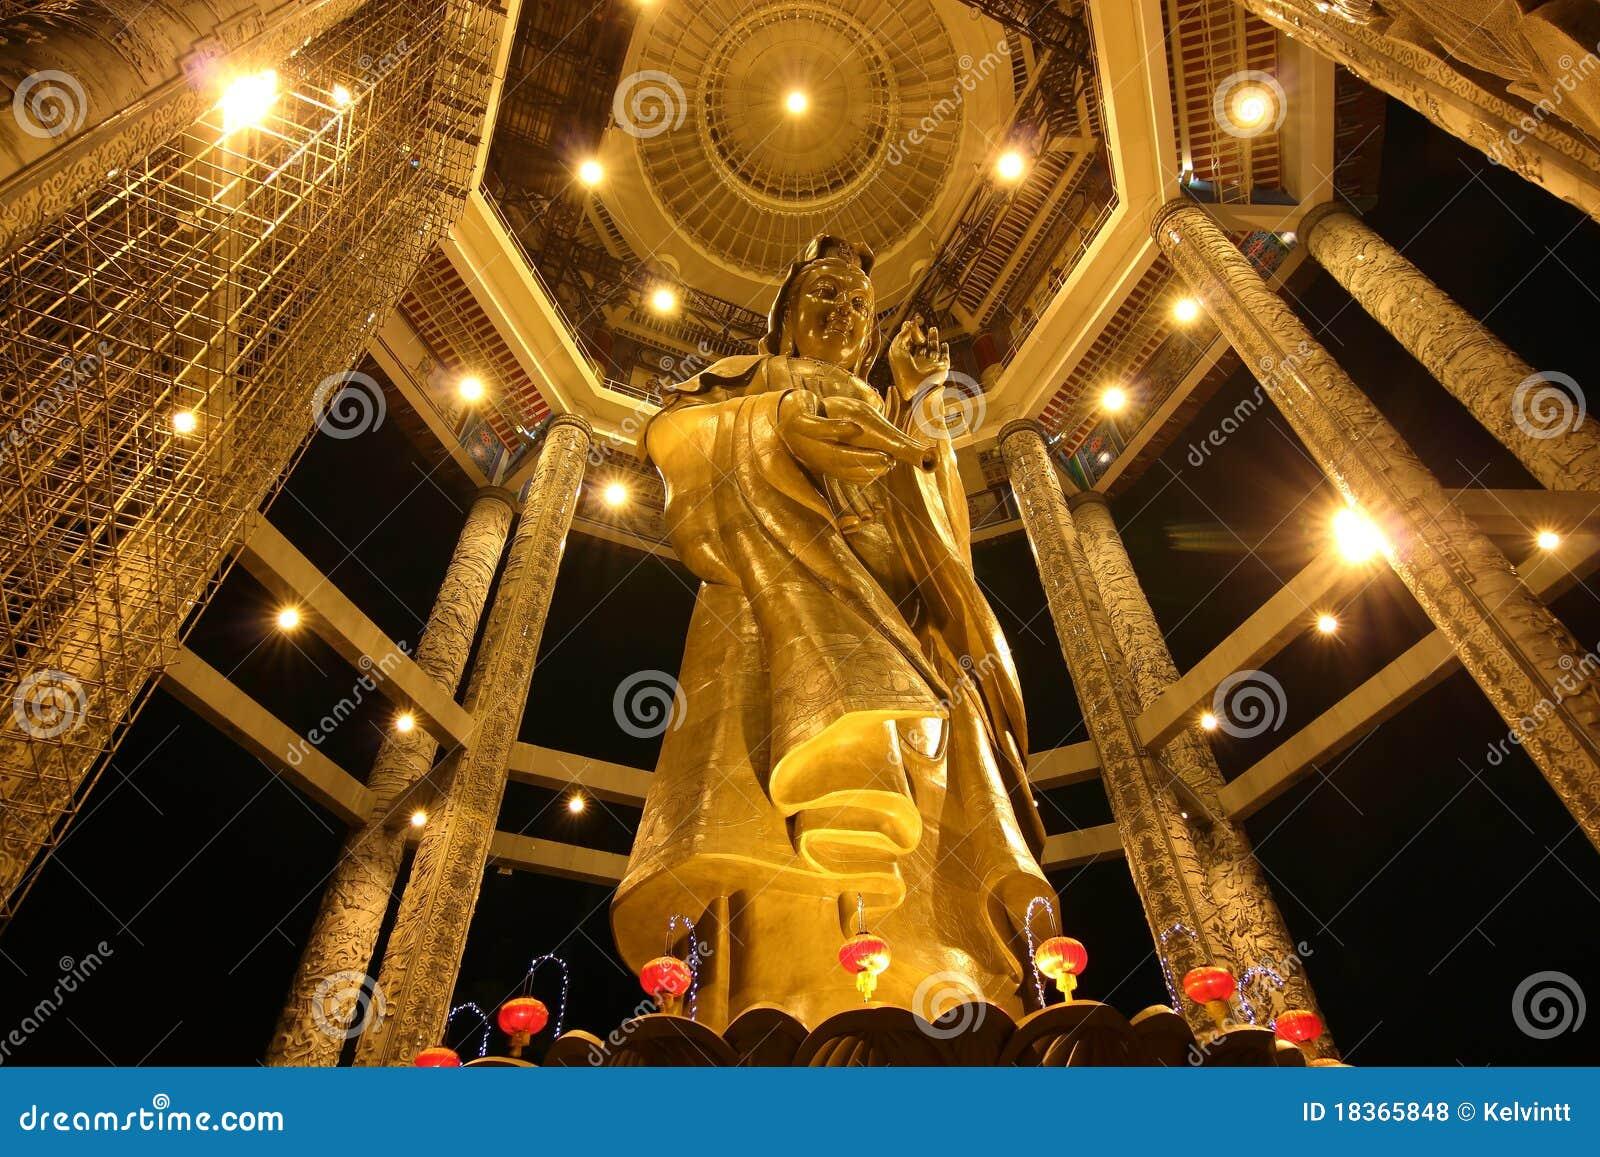 För loksi för 01 kek kuan yin för staty